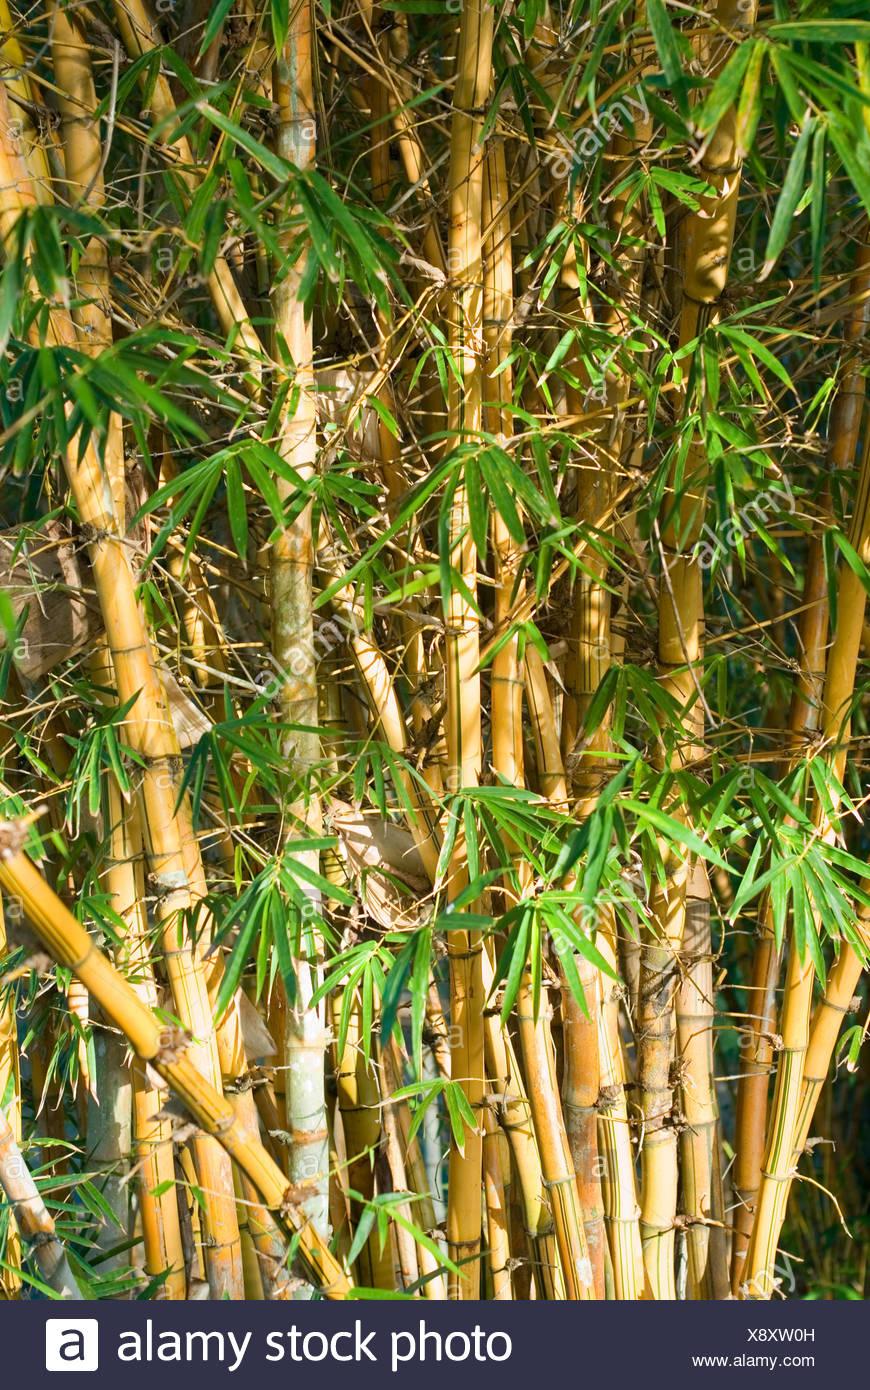 baum bäume hose spazierstock bambus asiatischen blatt baum garten